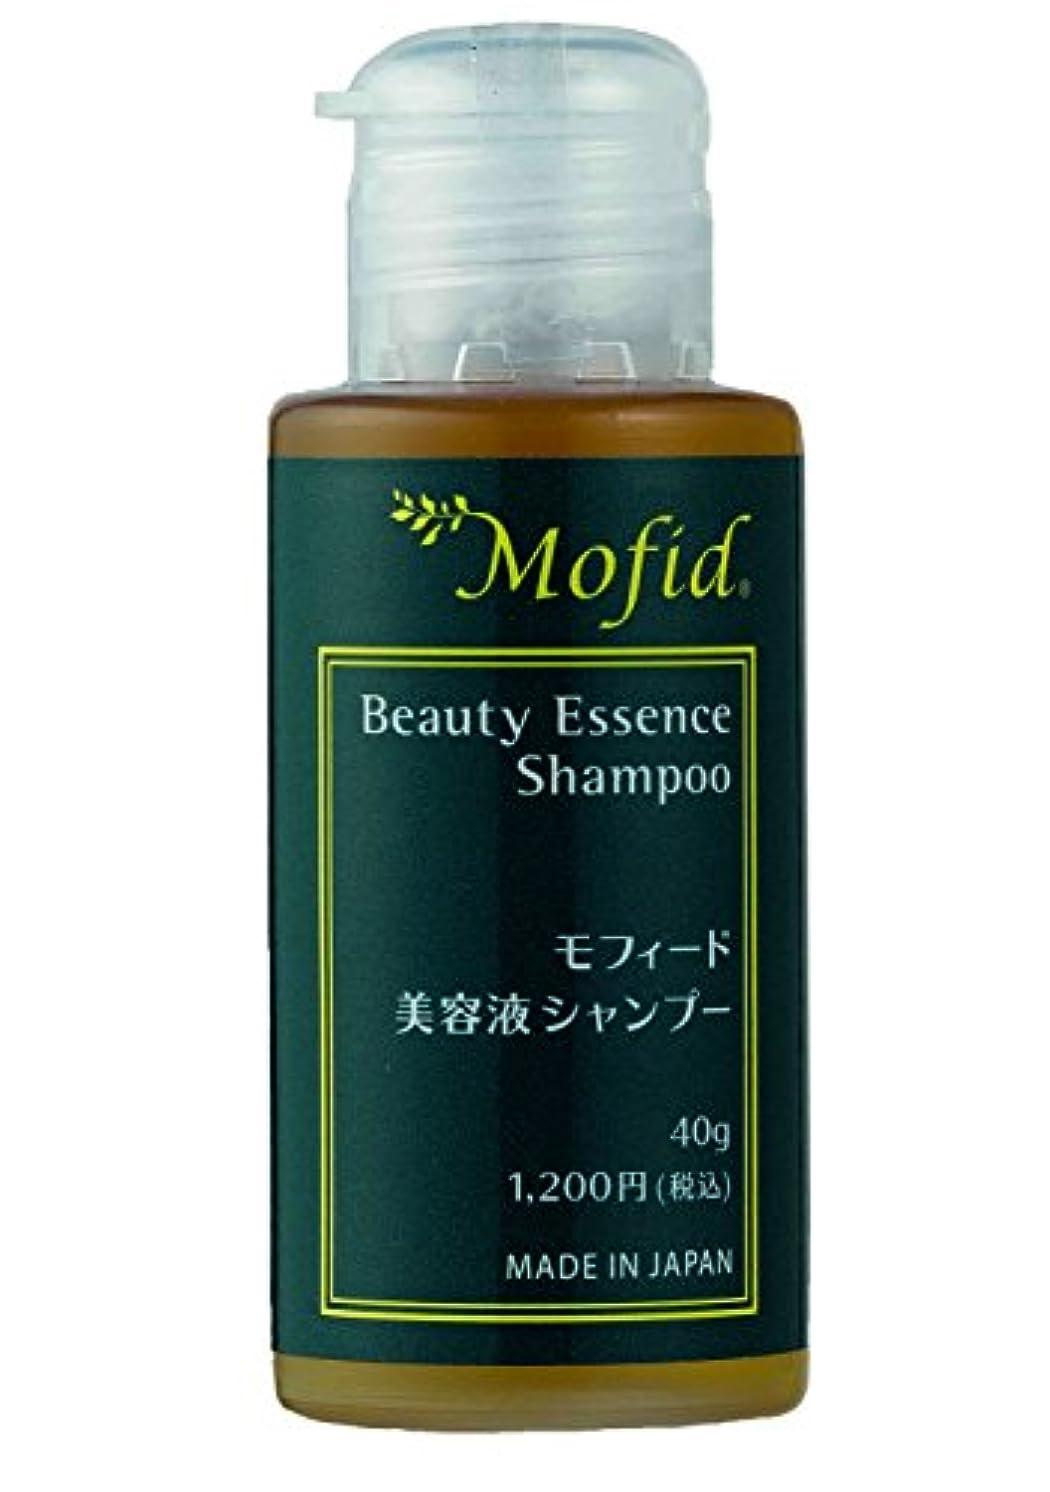 有名な膨張する日記日本製 モフィード 美容液 シャンプー 40g 【ハラル Halal 認証 シャンプー】 Mofid Beauty Serum Shampoo